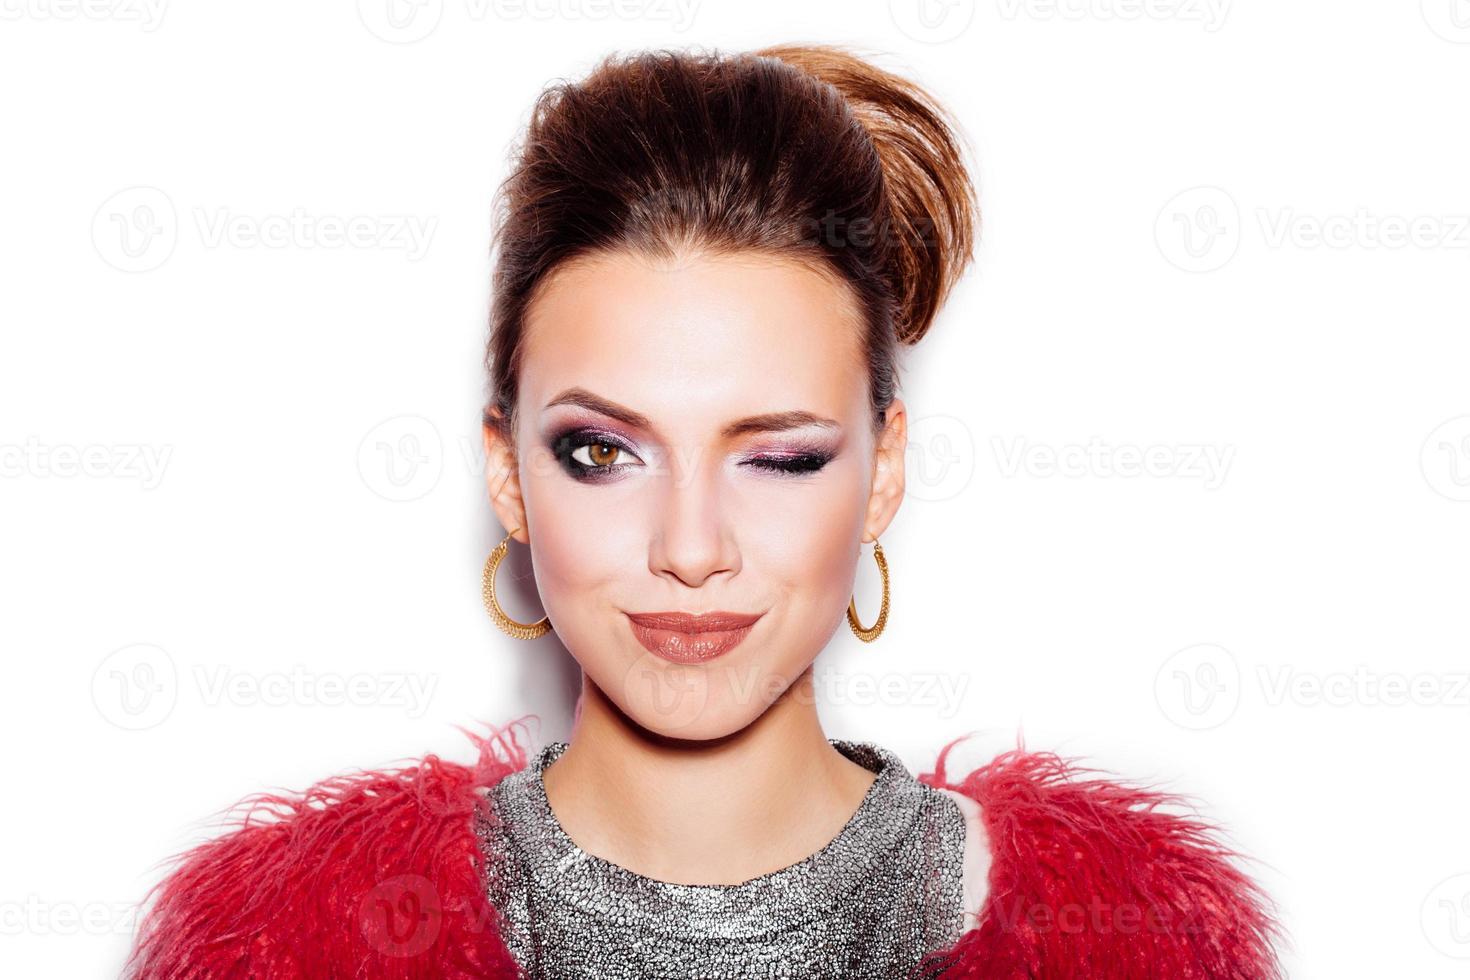 Fashion Beauty Woman Portrait. Stylish Haircut and Makeup photo